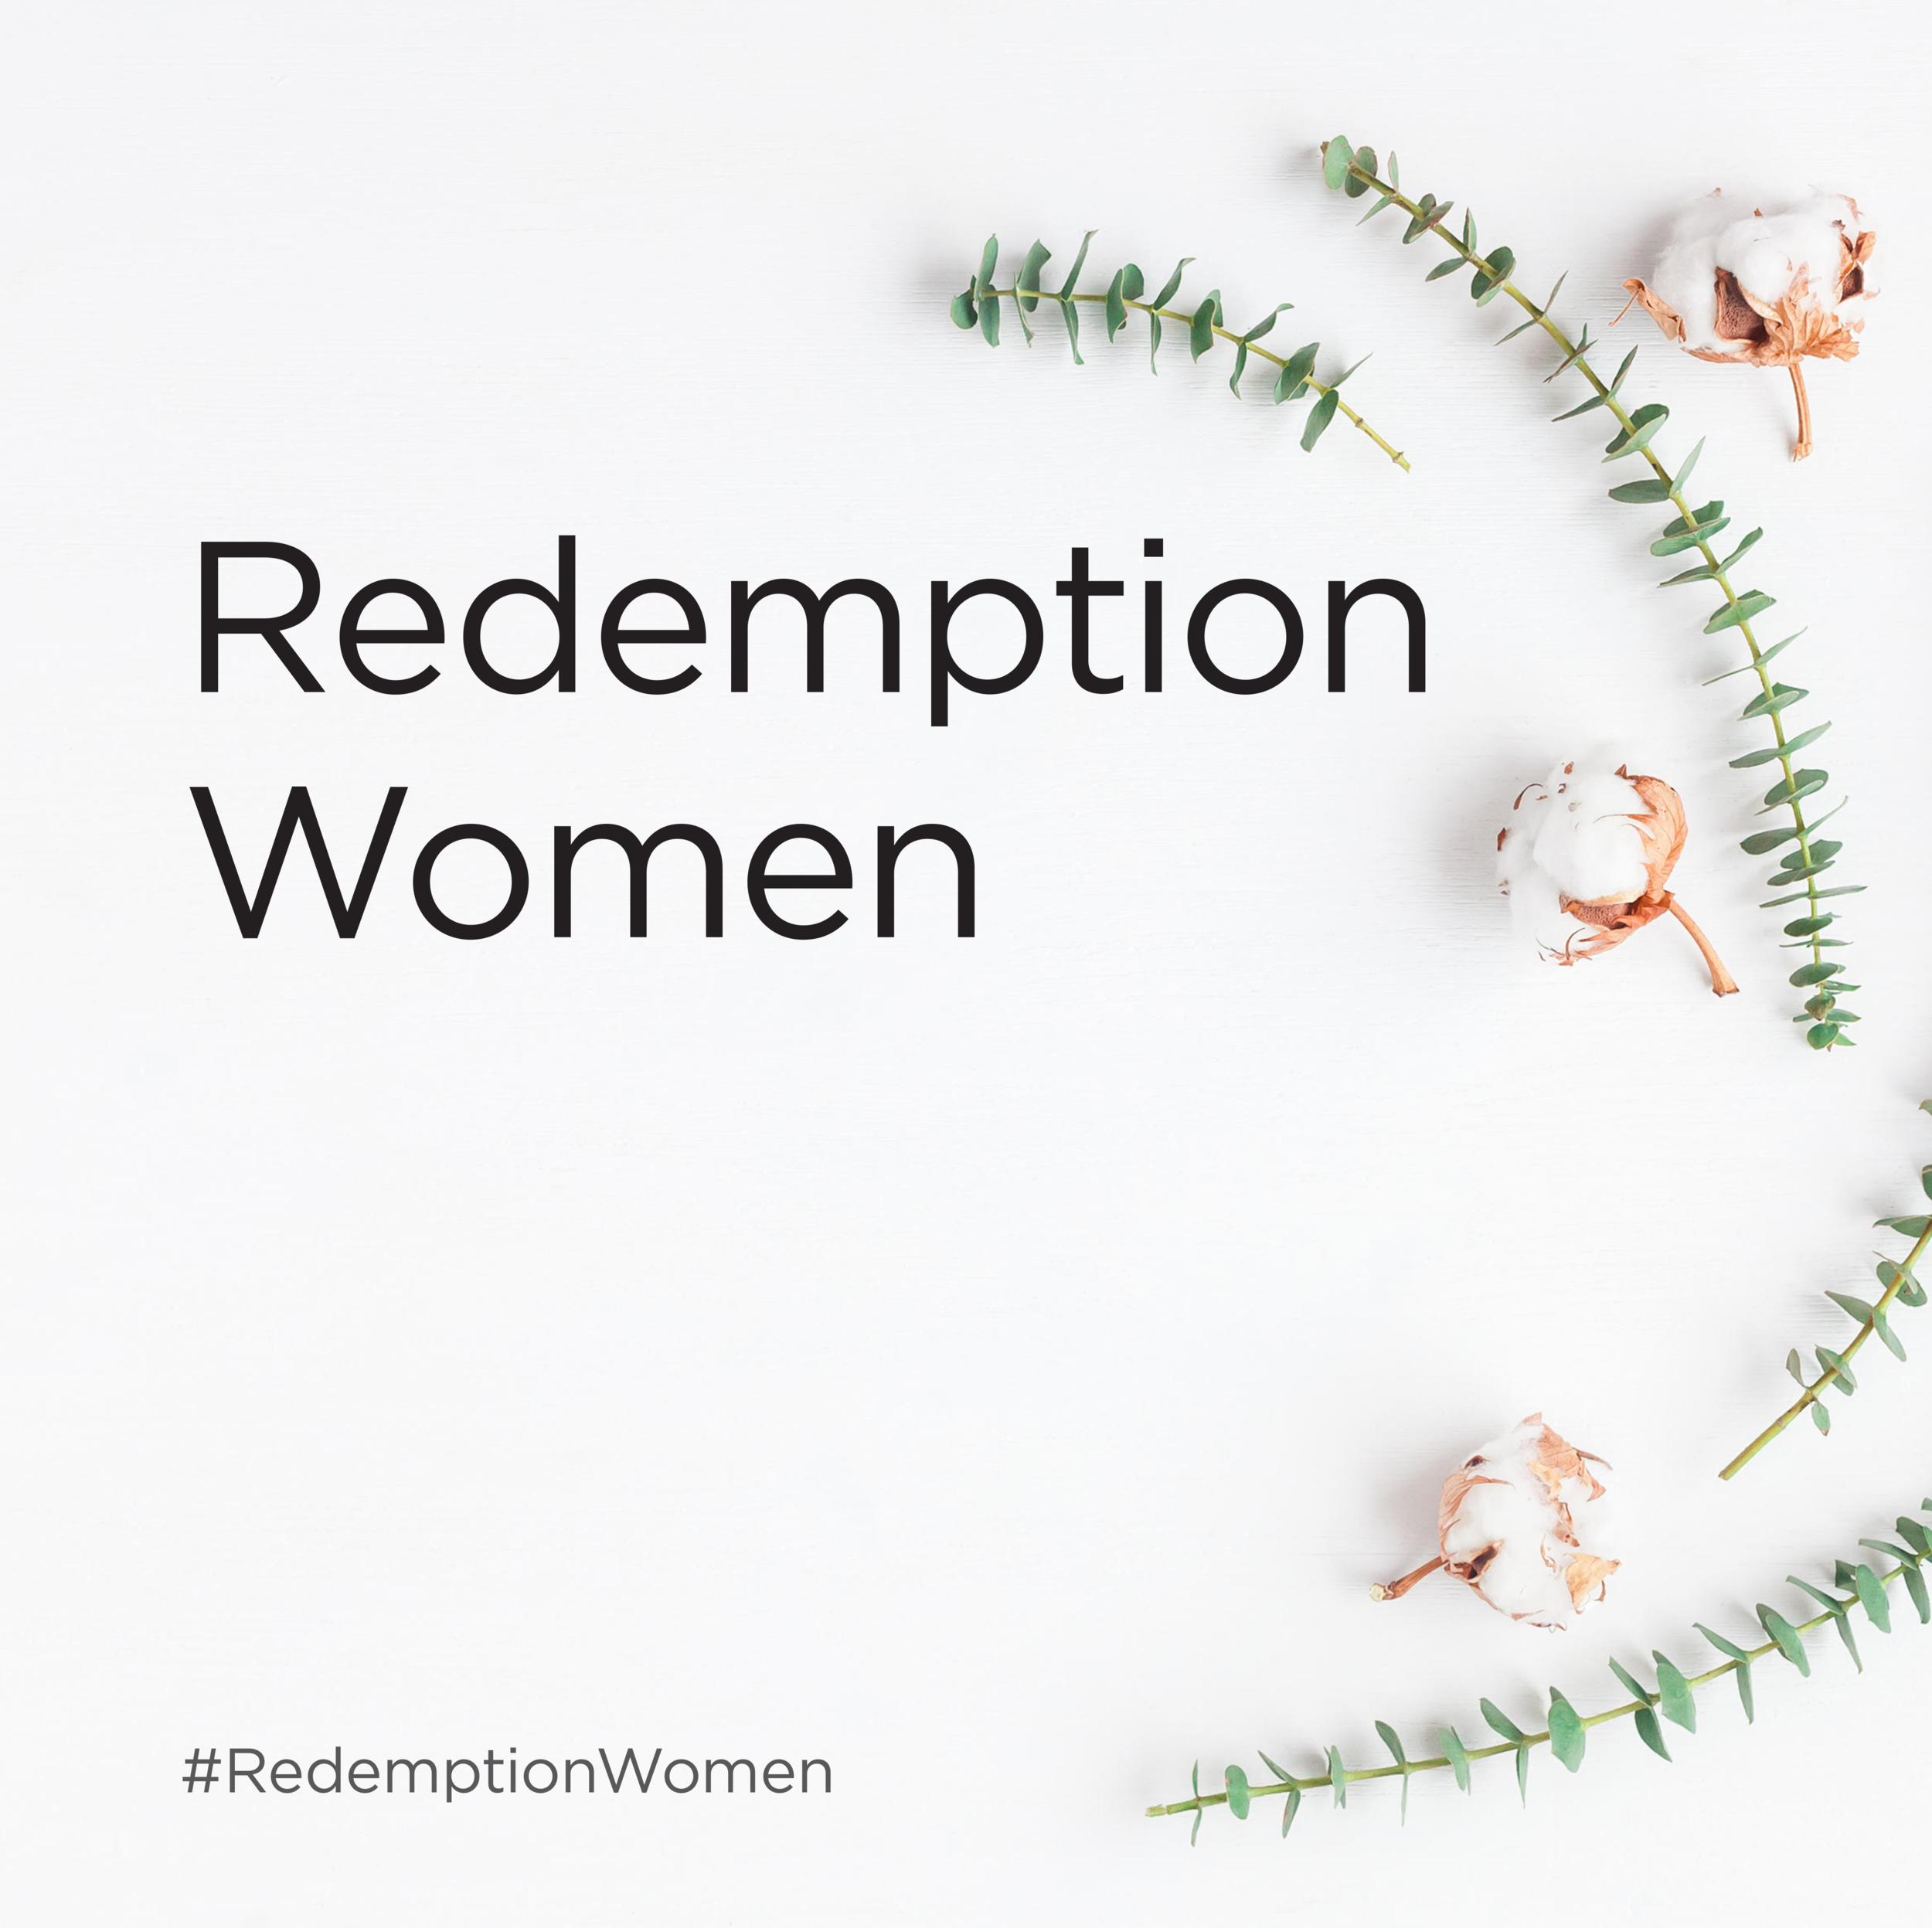 Redemption Women 1080 x 1080 vf.jpg